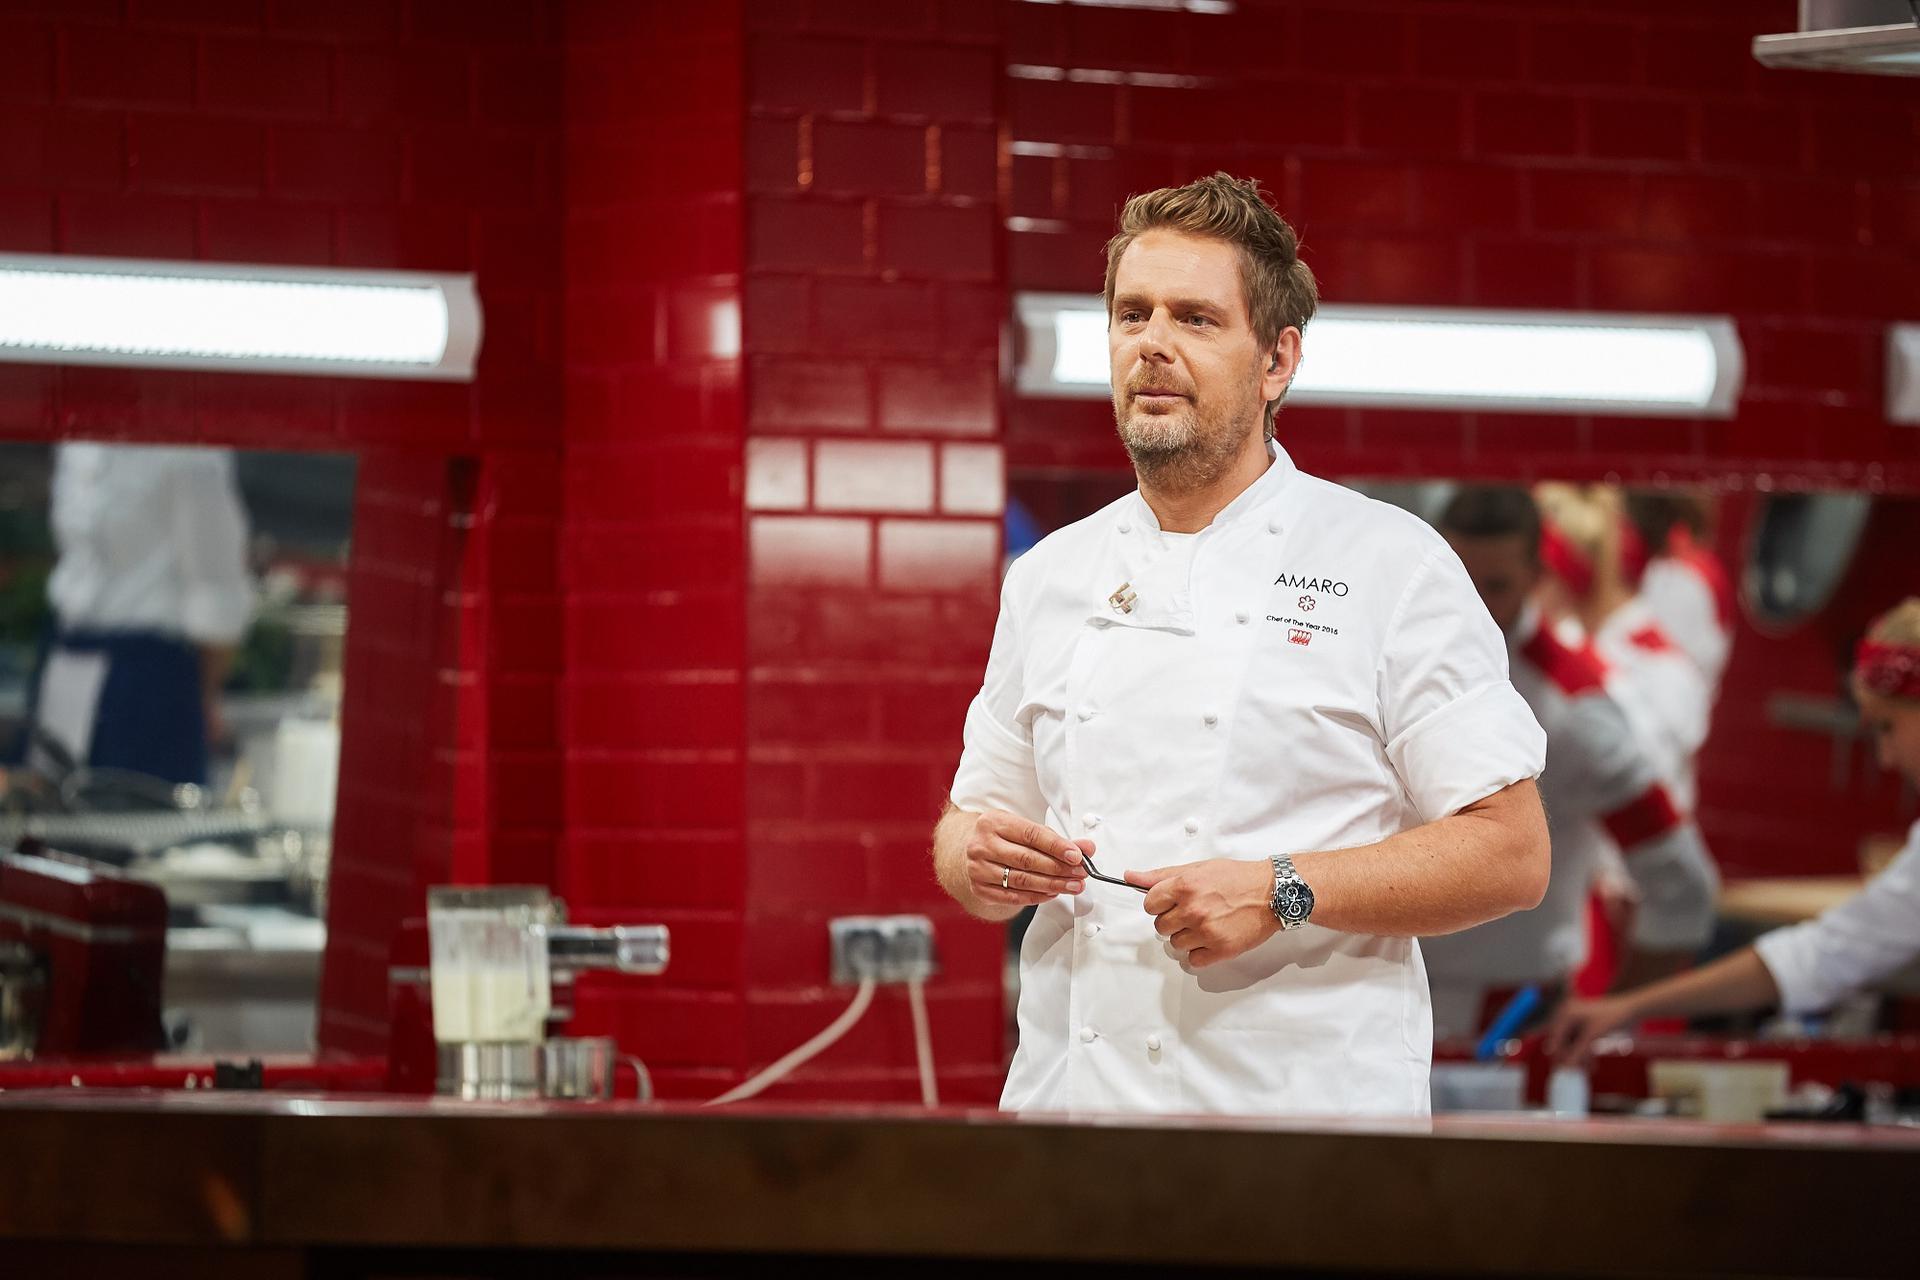 Hell S Kitchen 4 Odcinek 7 Zapis Relacji Na Zywo Na Se Pl Super Express Wiadomosci Polityka Sport